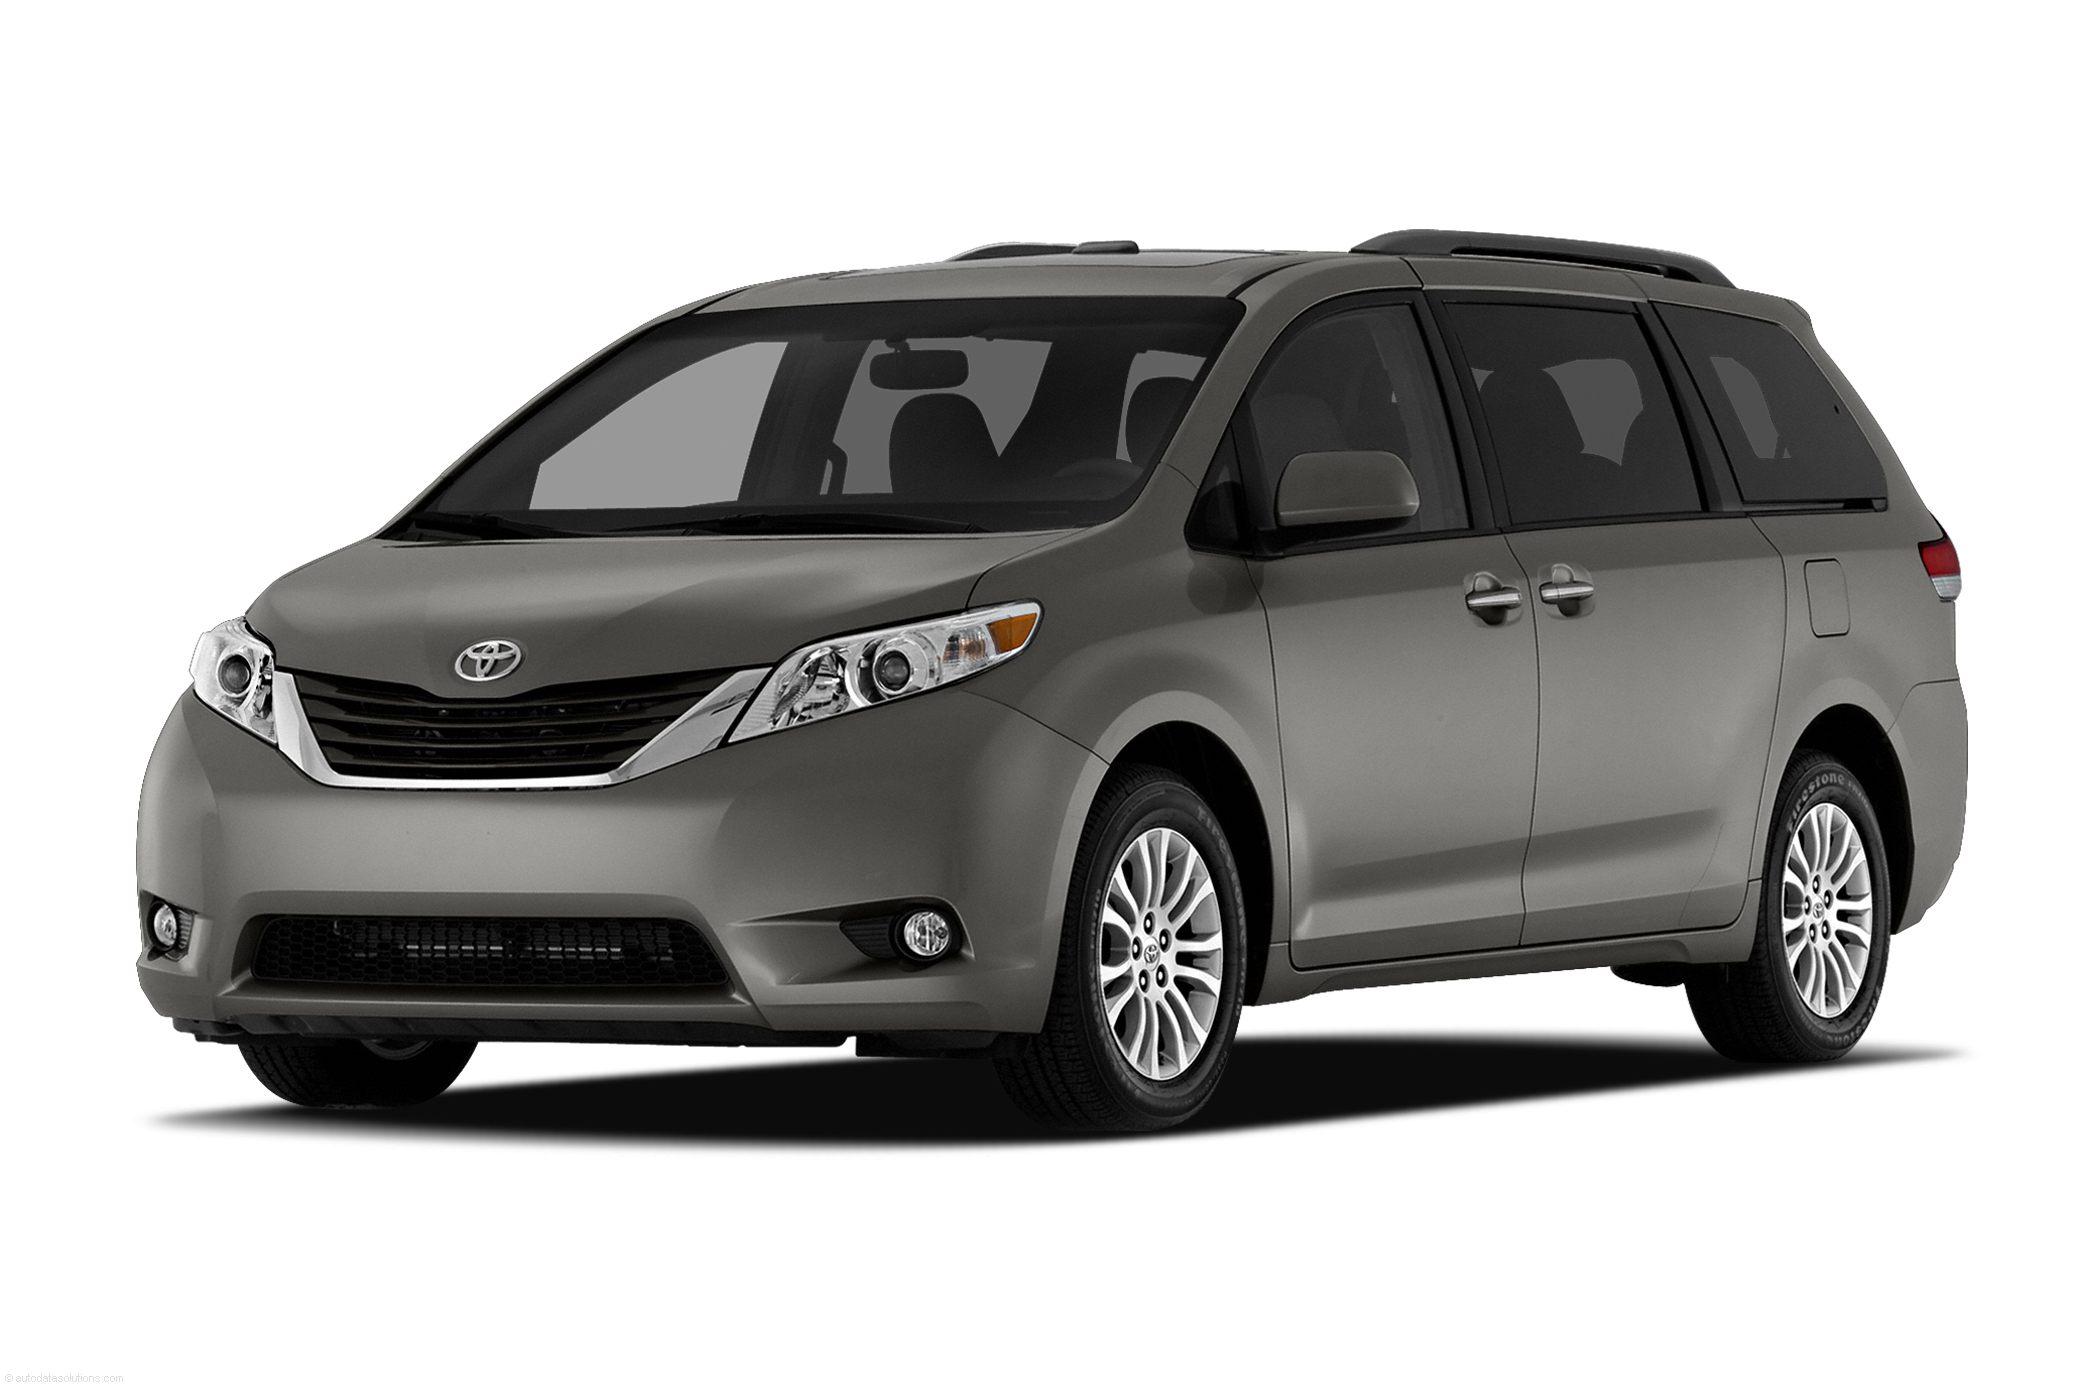 New Minivan Clipart.